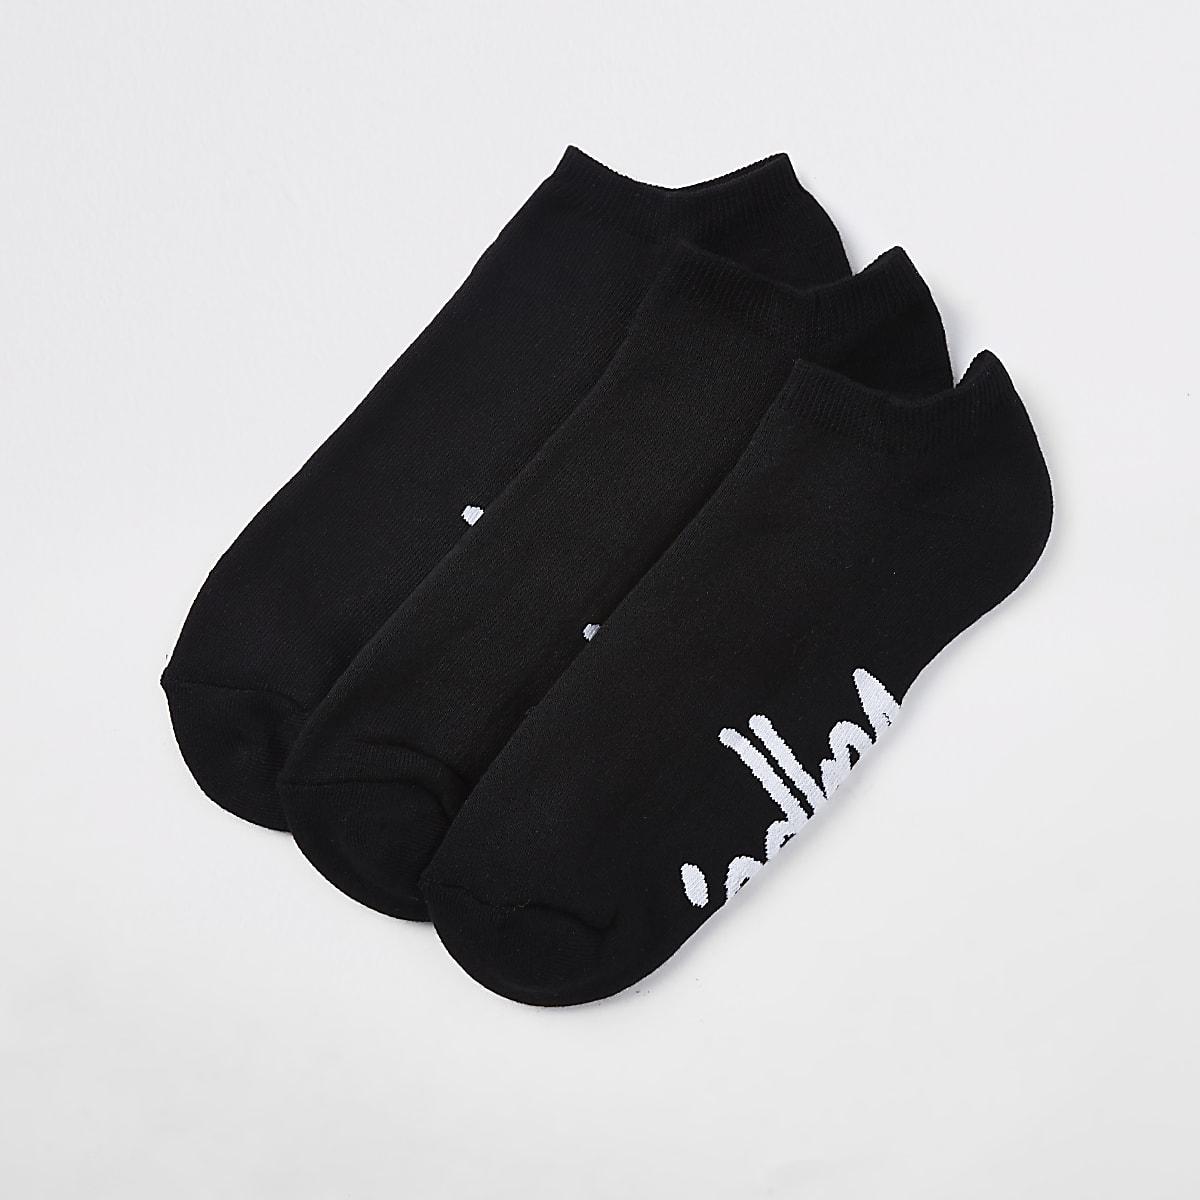 Hype black trainer socks 3 pack